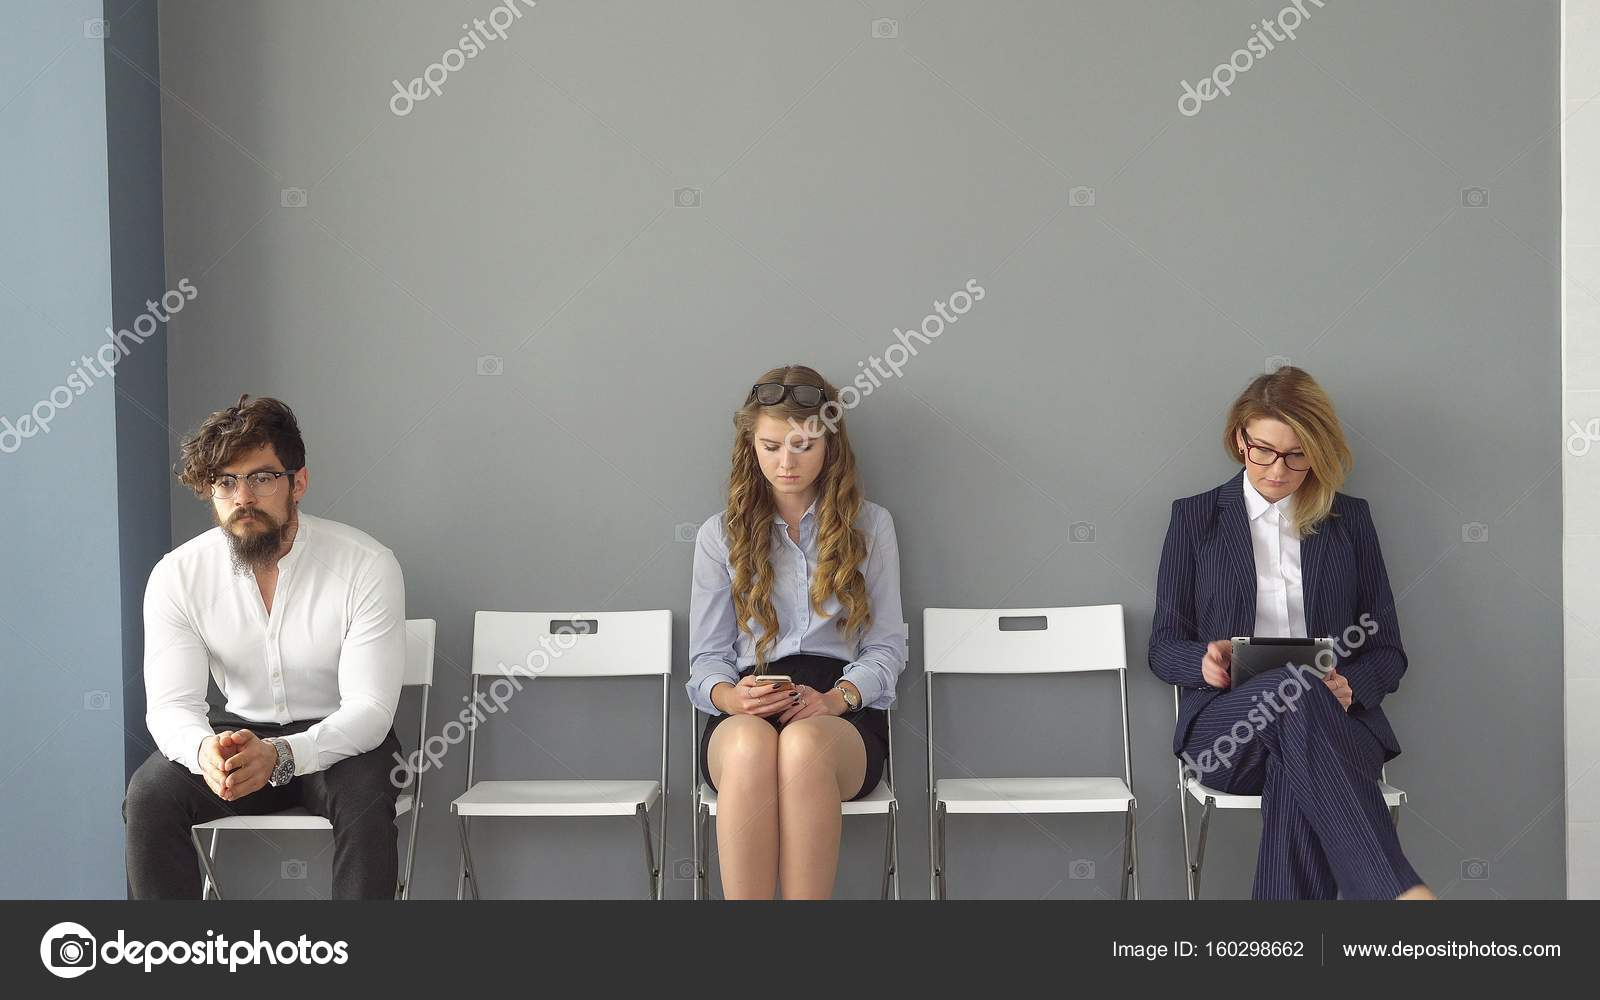 Jeunes gens attendent entrevues assis sur des chaises dans un